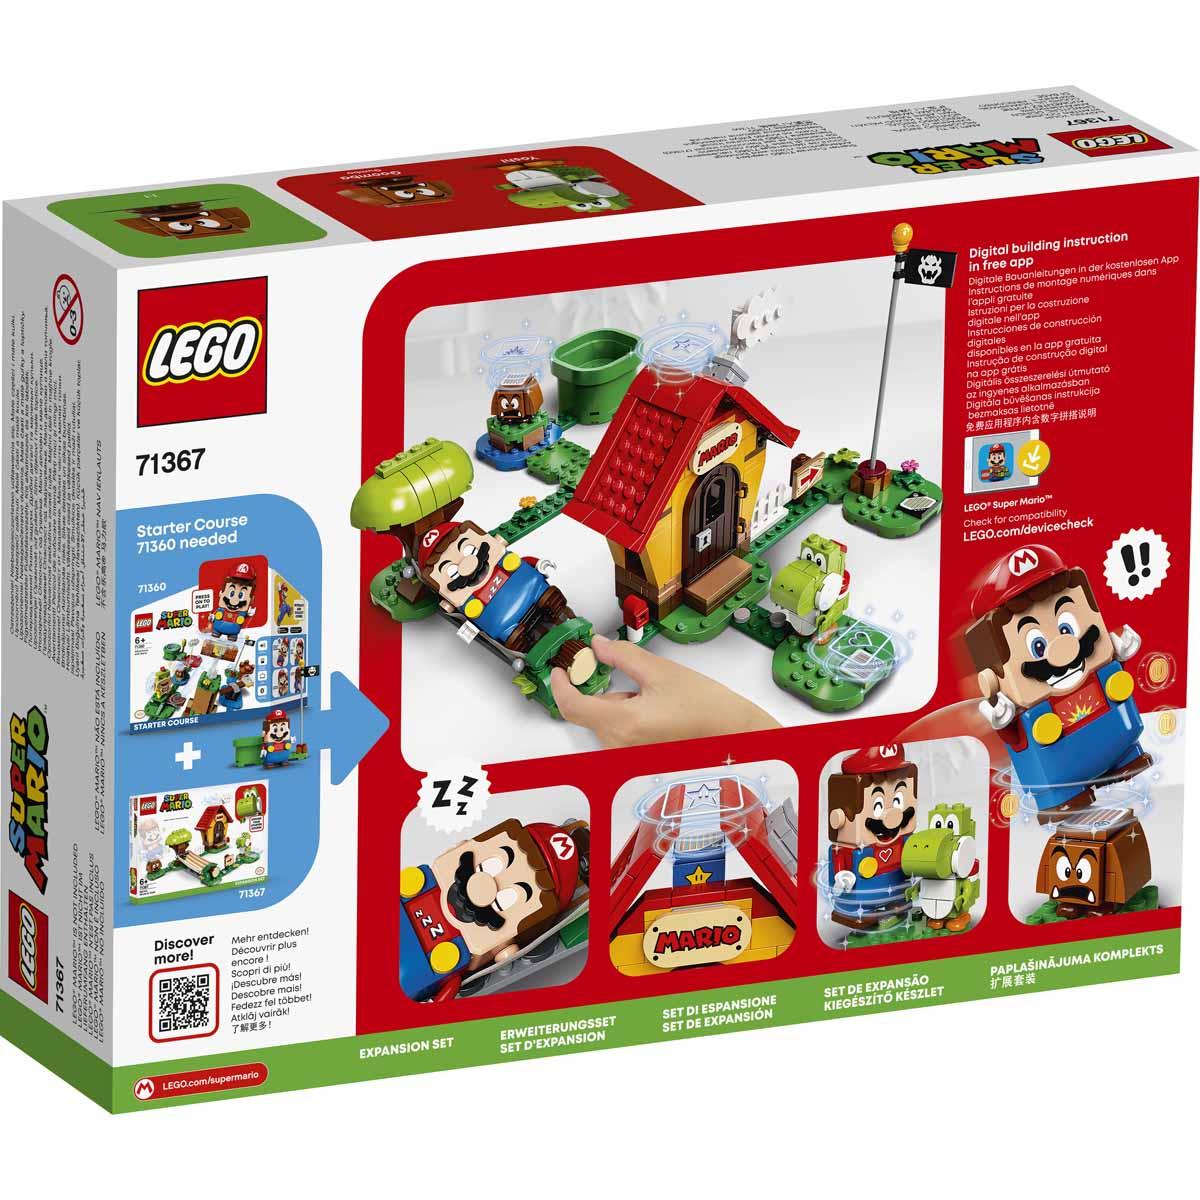 lego-super-mario-71367-marios-hus-yoshi-expansionsset (2)